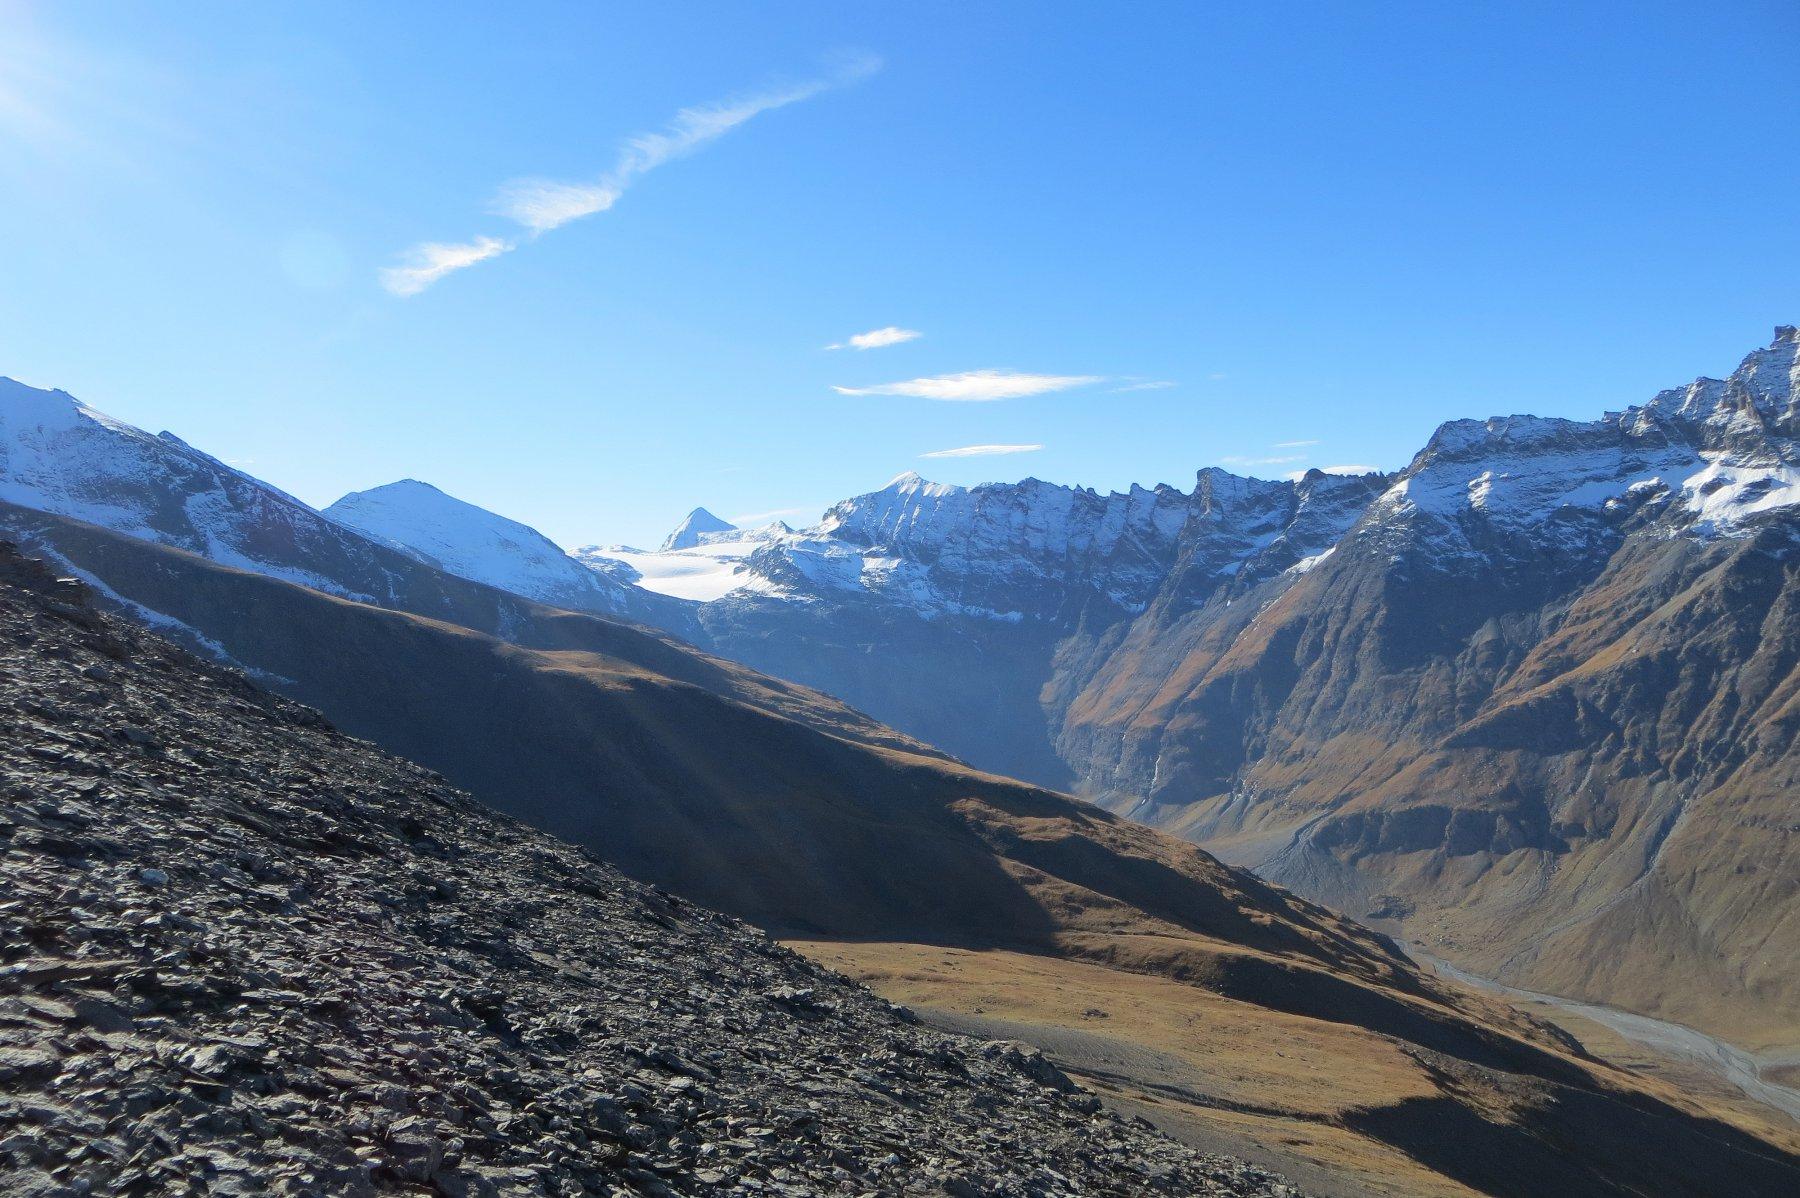 risalendo la cresta O. La testata del Vallon du Ribon con il versante N del Rocciamelone e il ghiacciaio omonimo